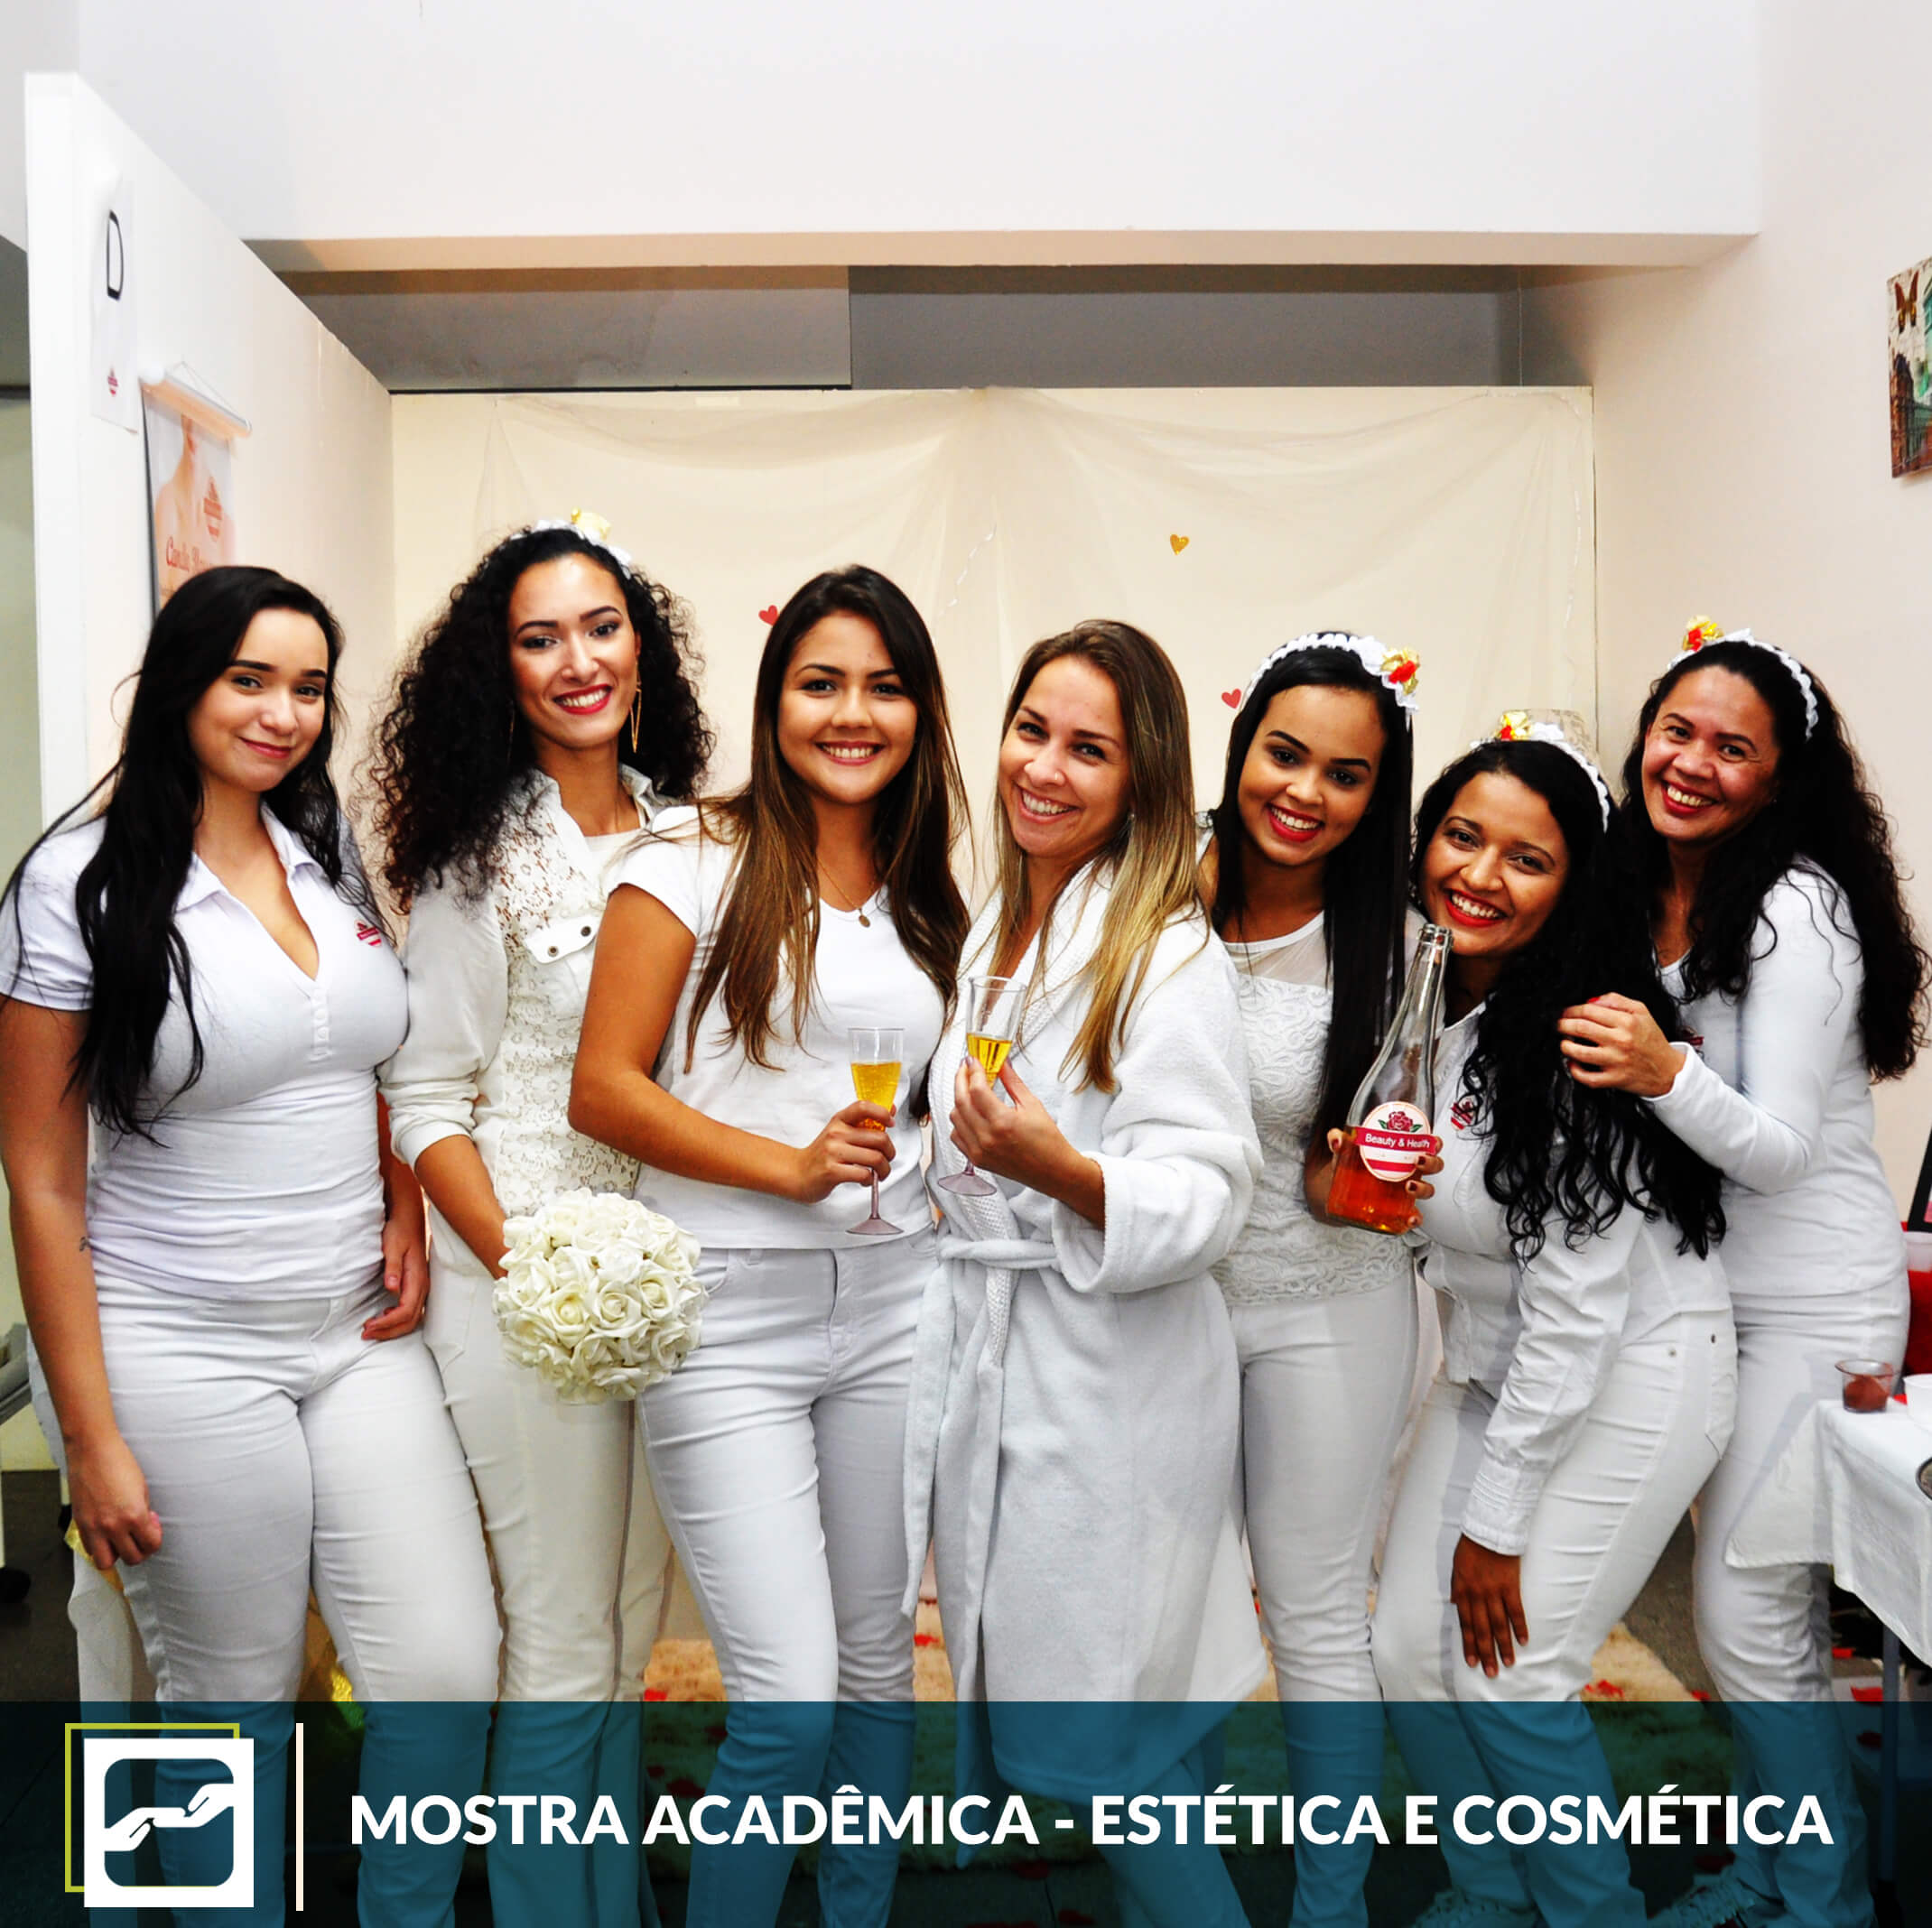 mostra-academia-estetica-cosmetica-famesp-35